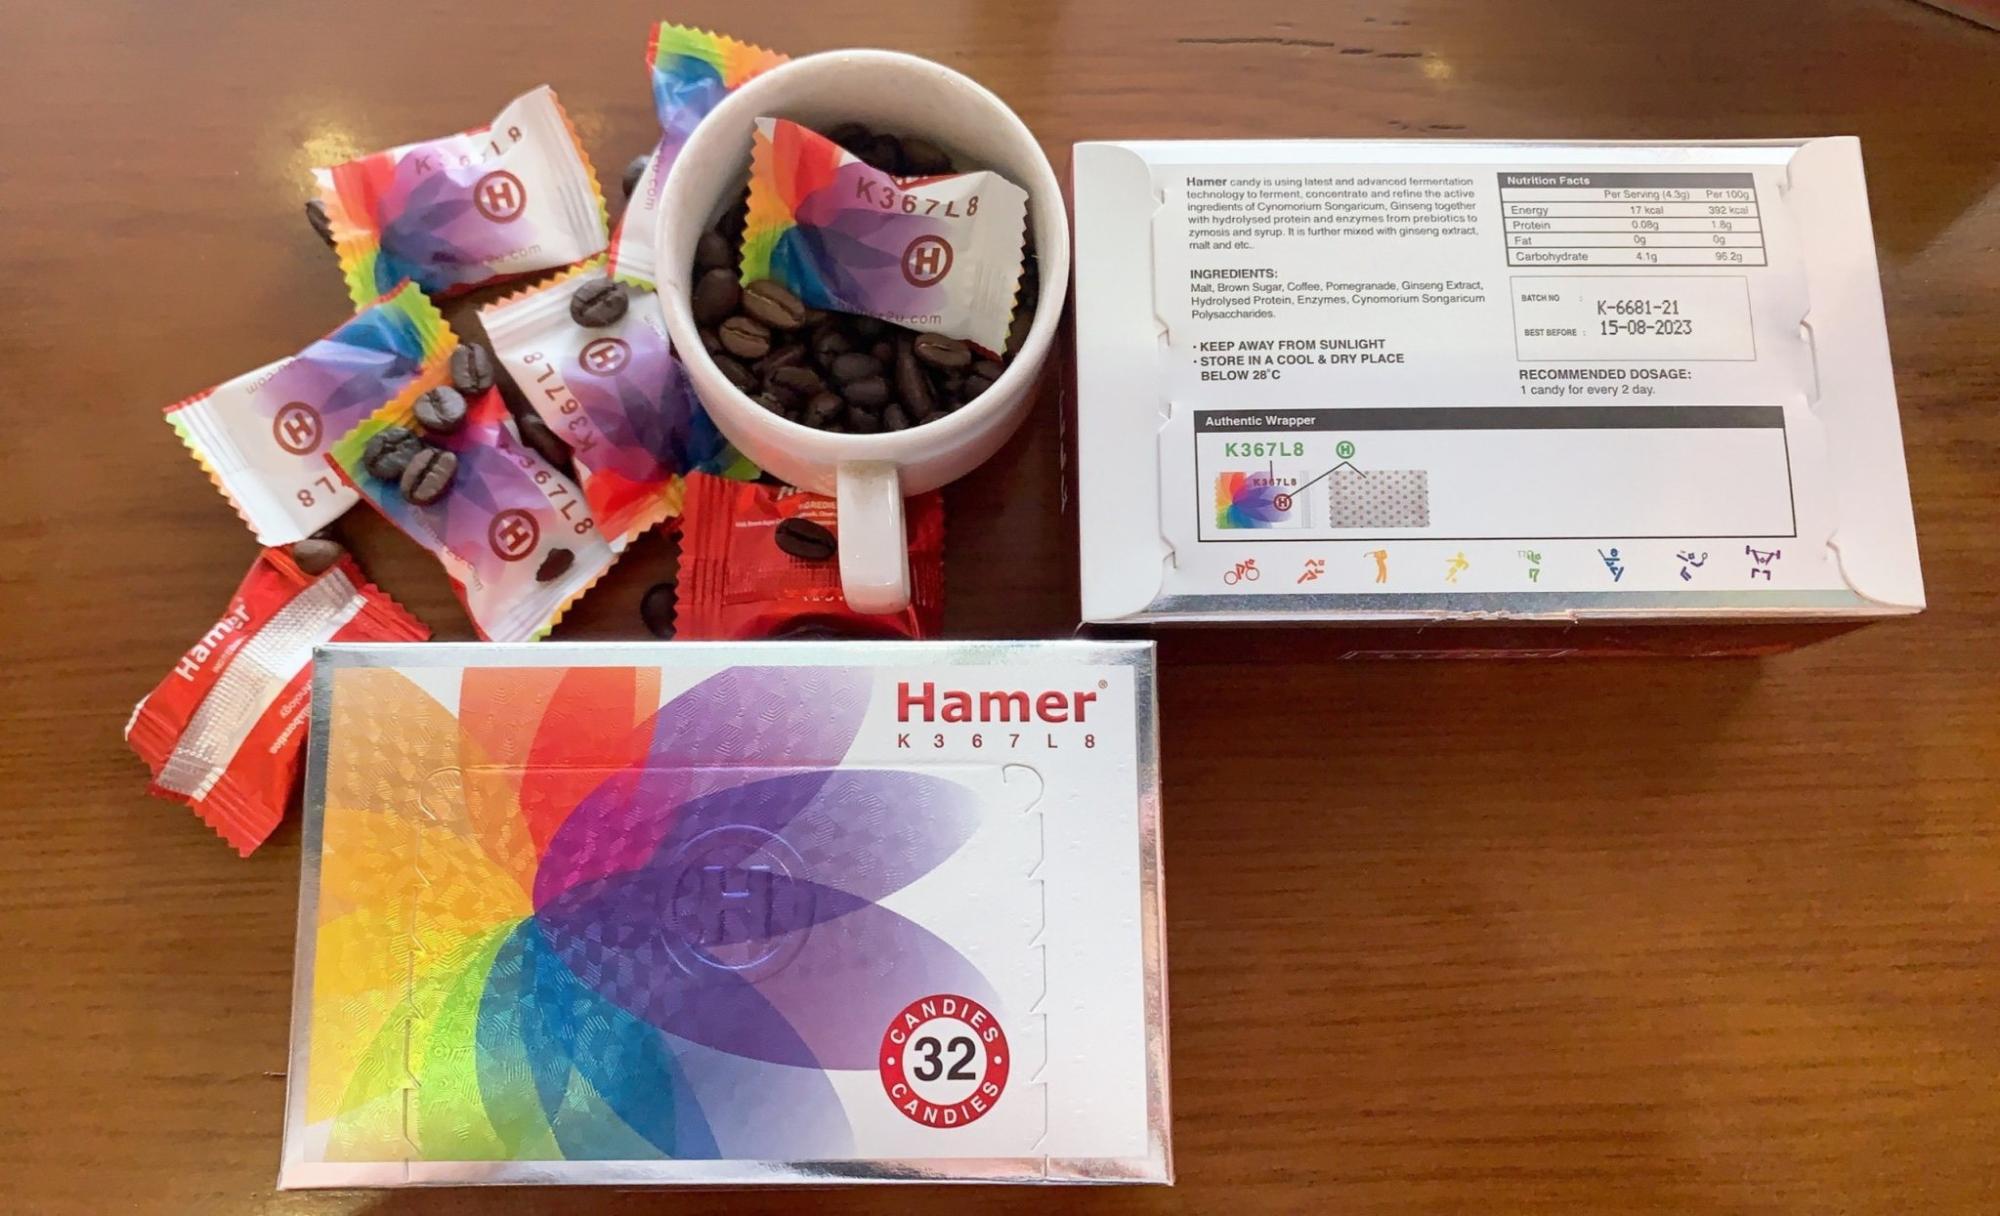 kẹo sâm hamer nhathuocminhhuong.com